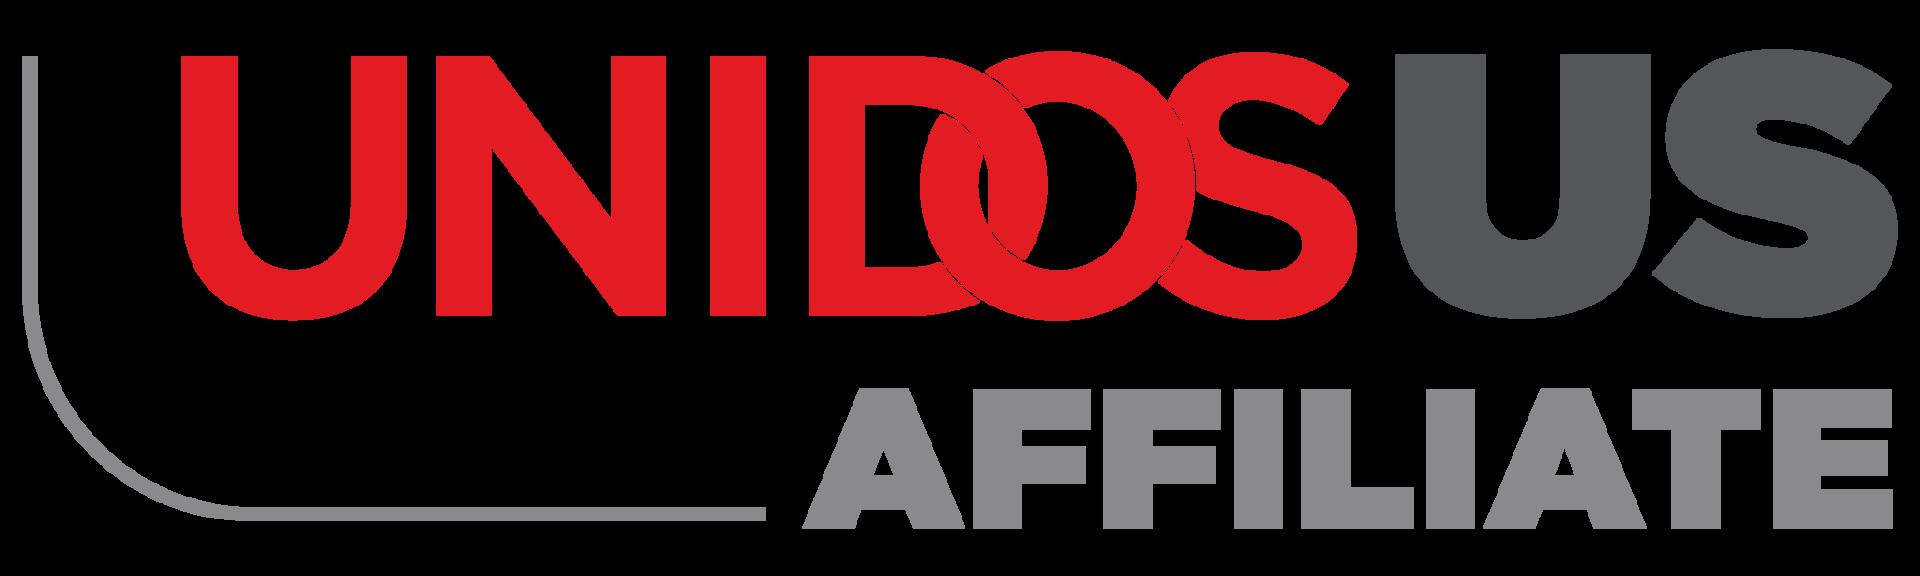 UnidosUS Affiliate Logo